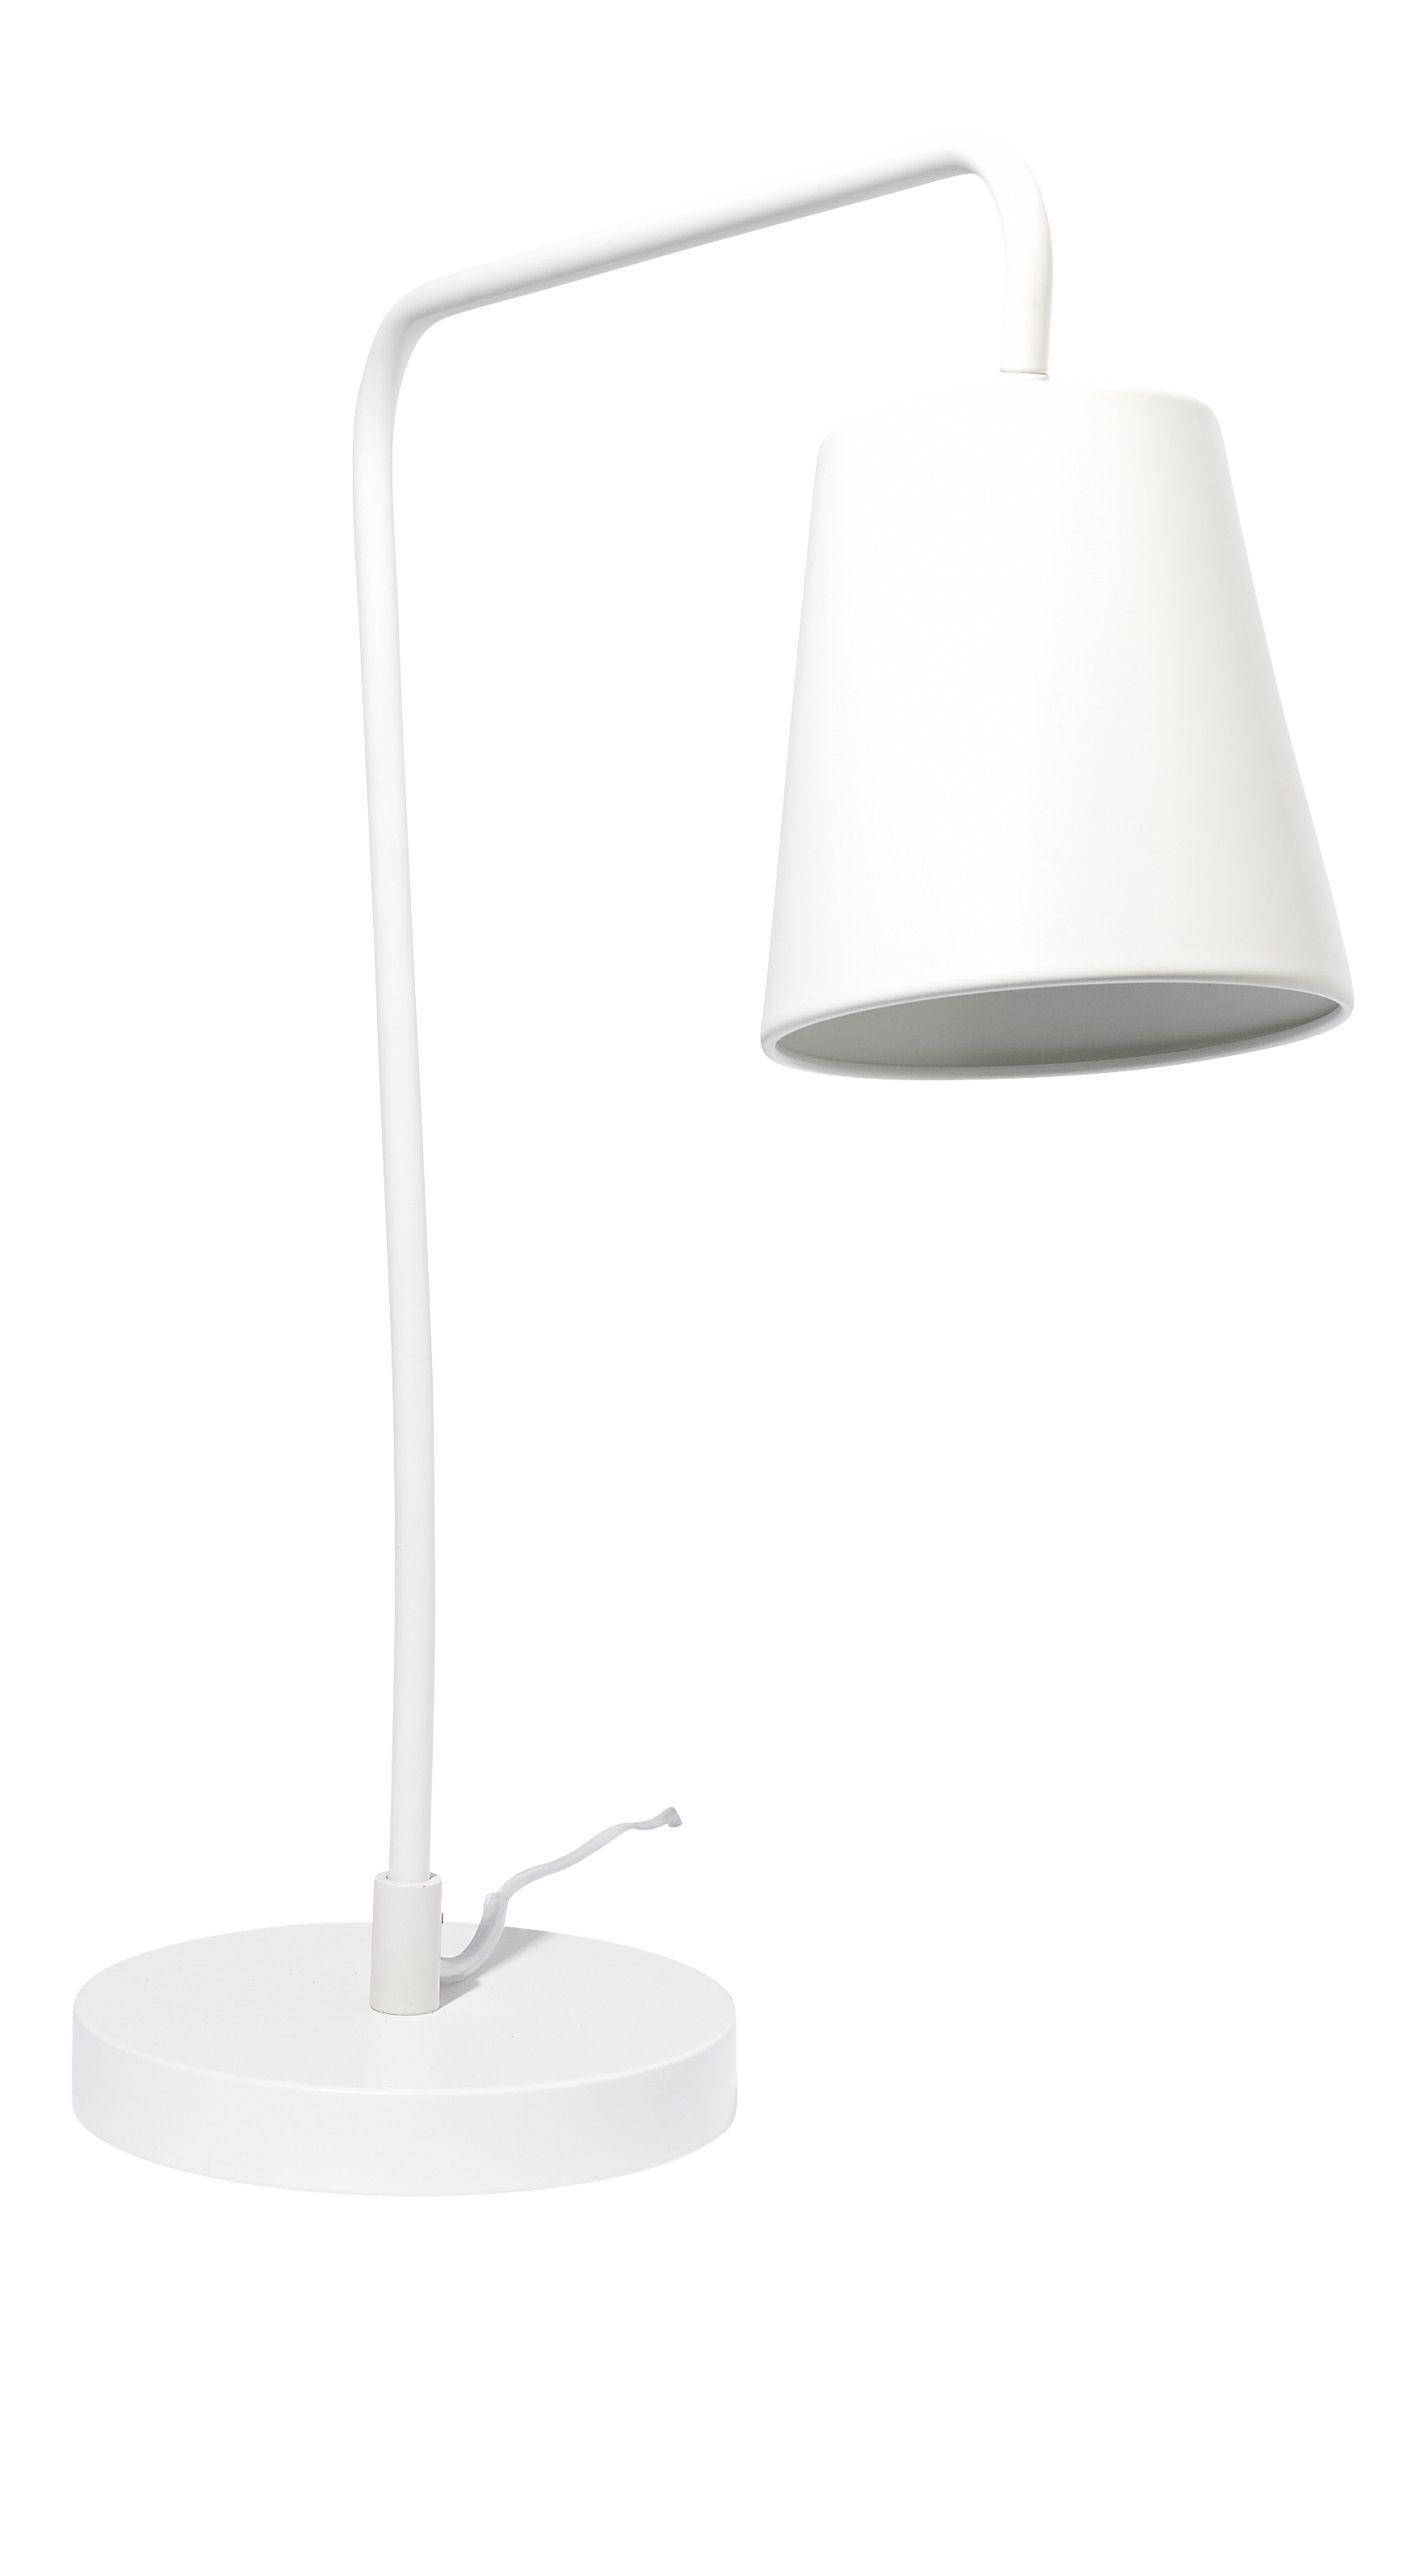 Ascend Bordlampe I Hvitlakkert Stal Kr 500 Inspirasjon Hus